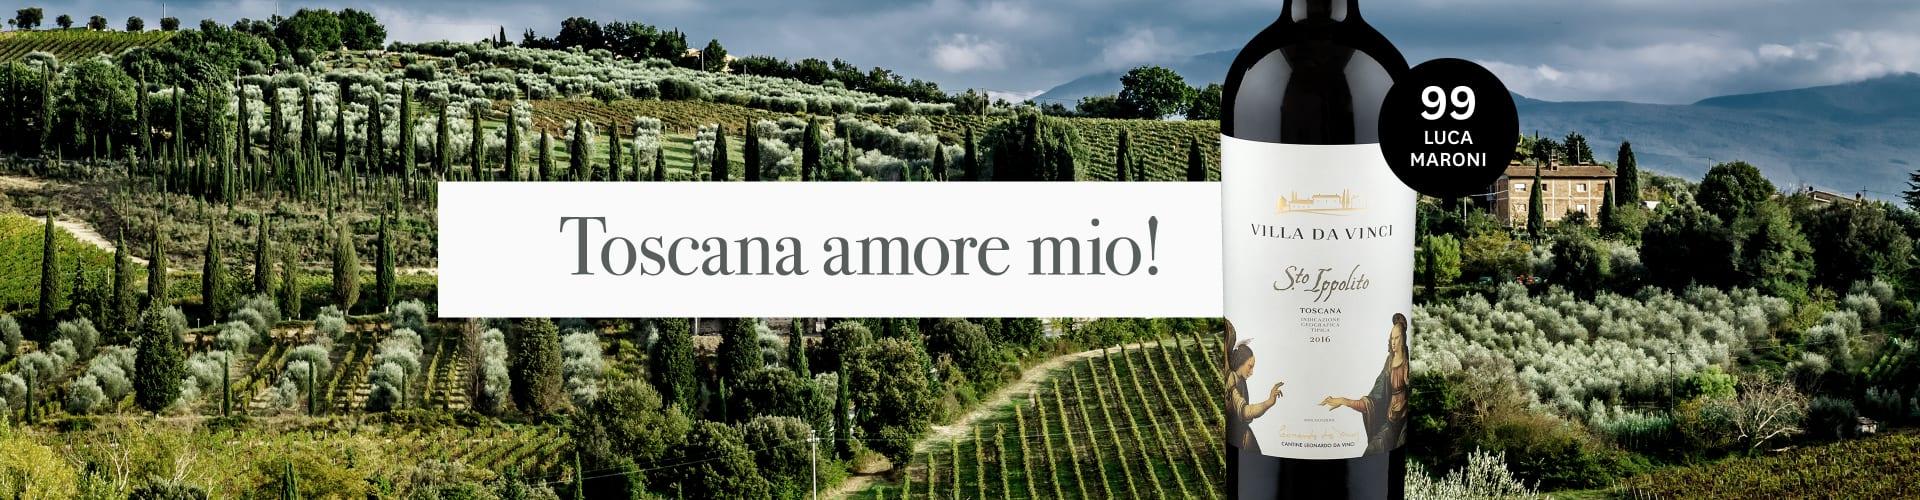 Einer der besten Toskana-Weine aller Zeiten